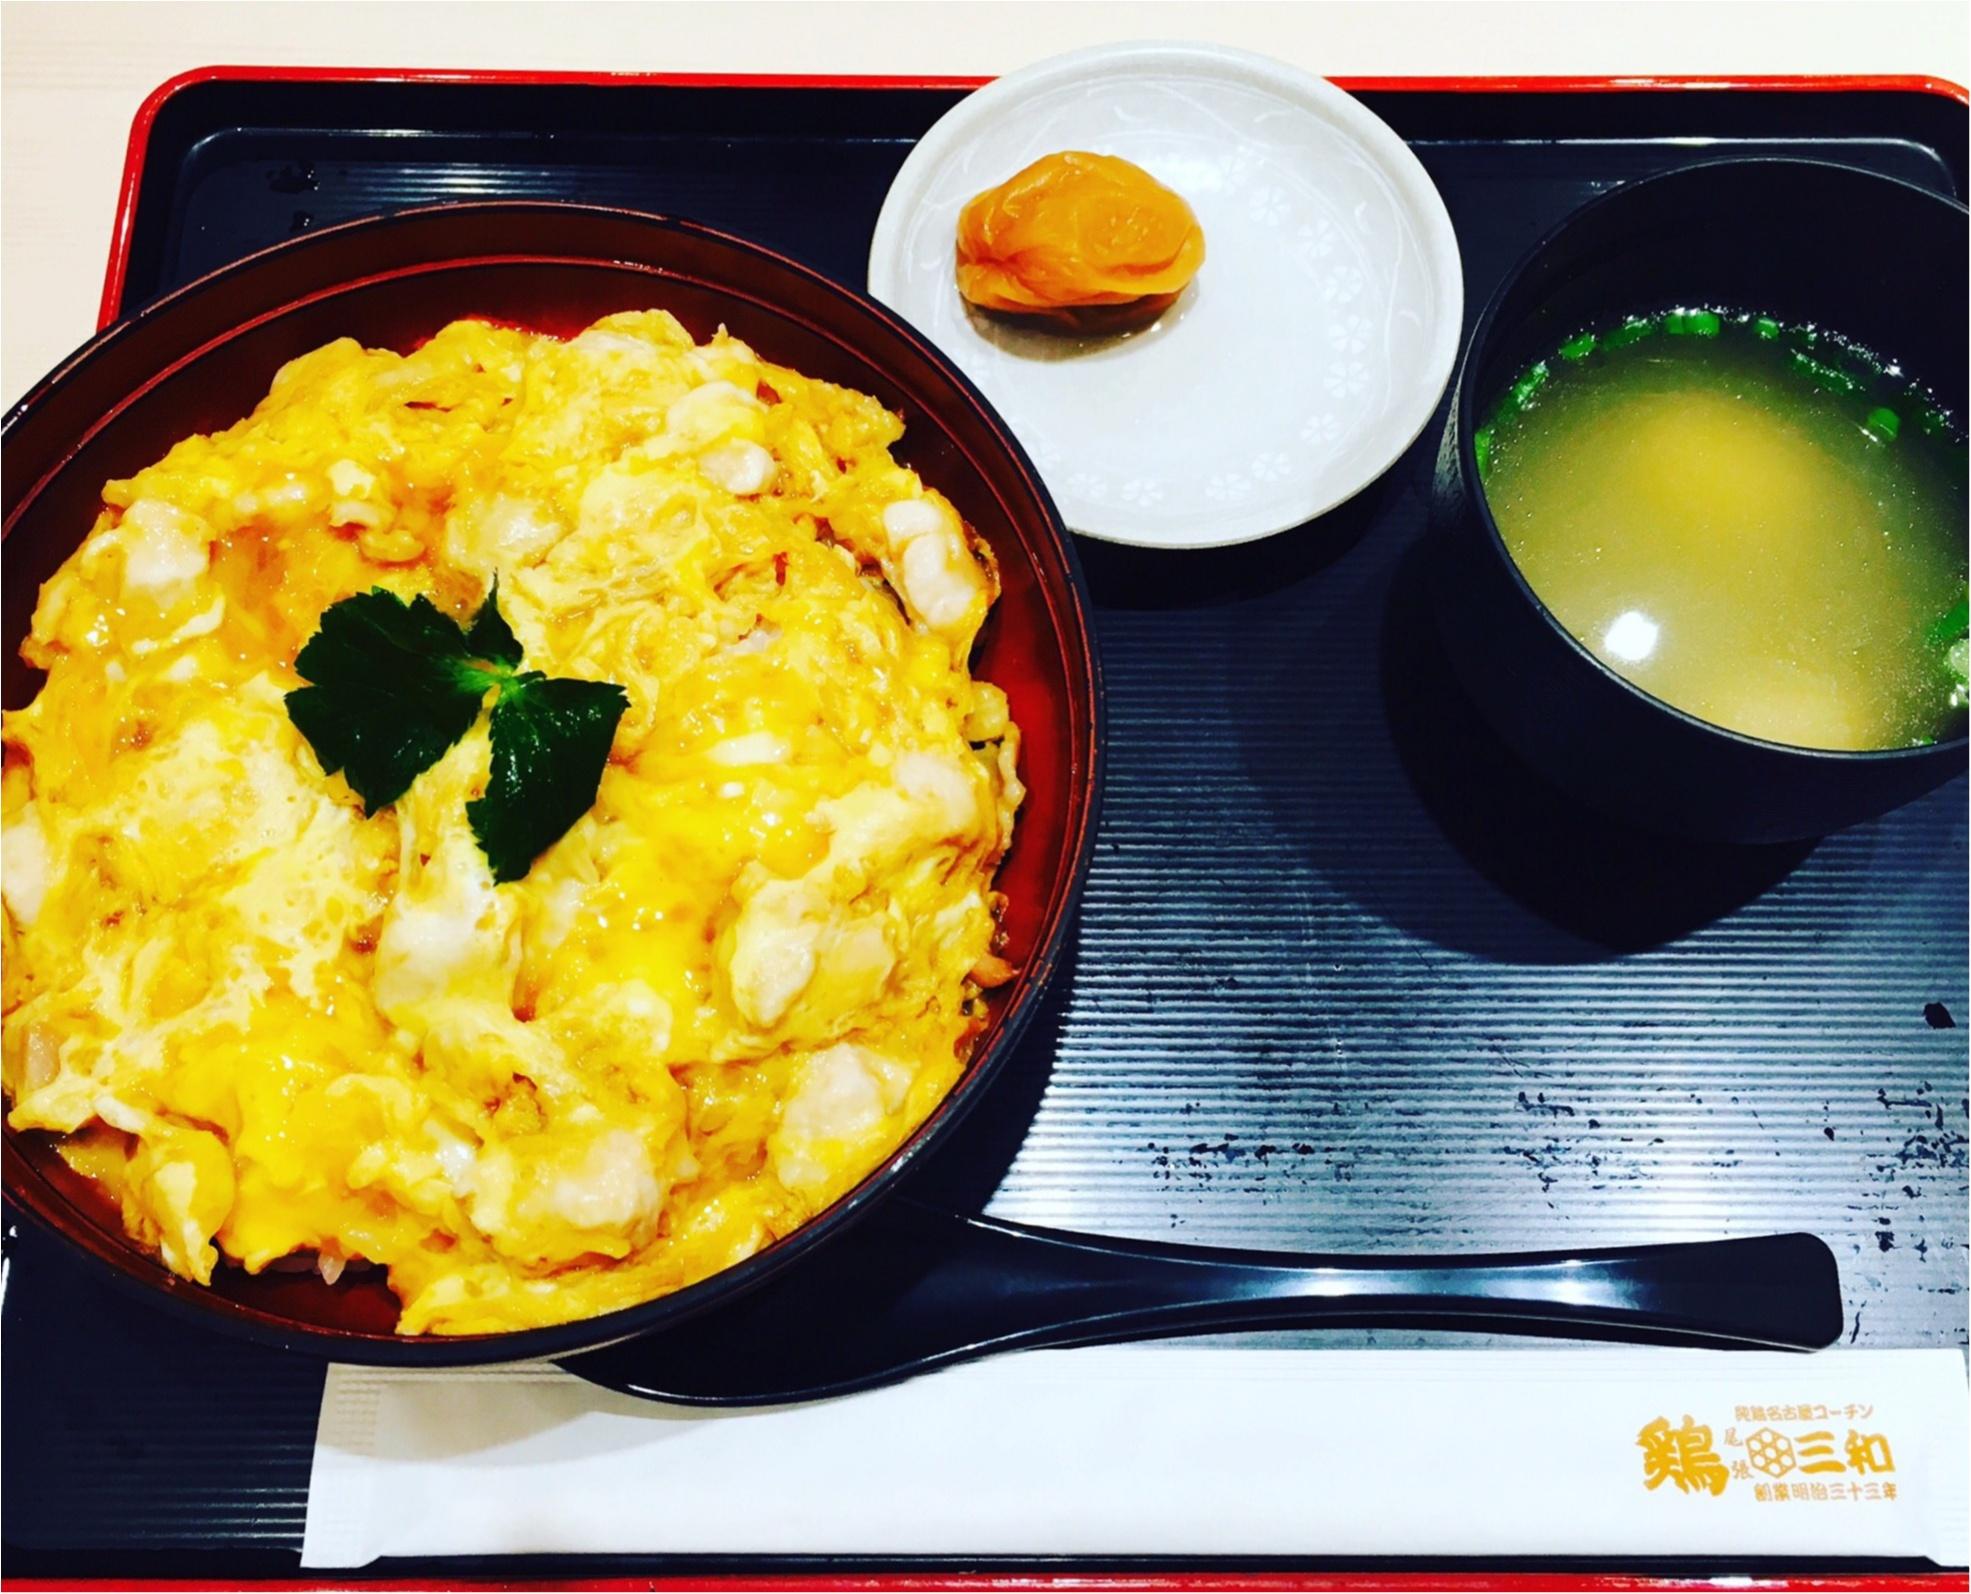 【鶏三和】の≪名古屋コーチン親子丼≫が美味しすぎる!期間限定の≪月見鶏そぼろ親子丼≫もオススメ!_1